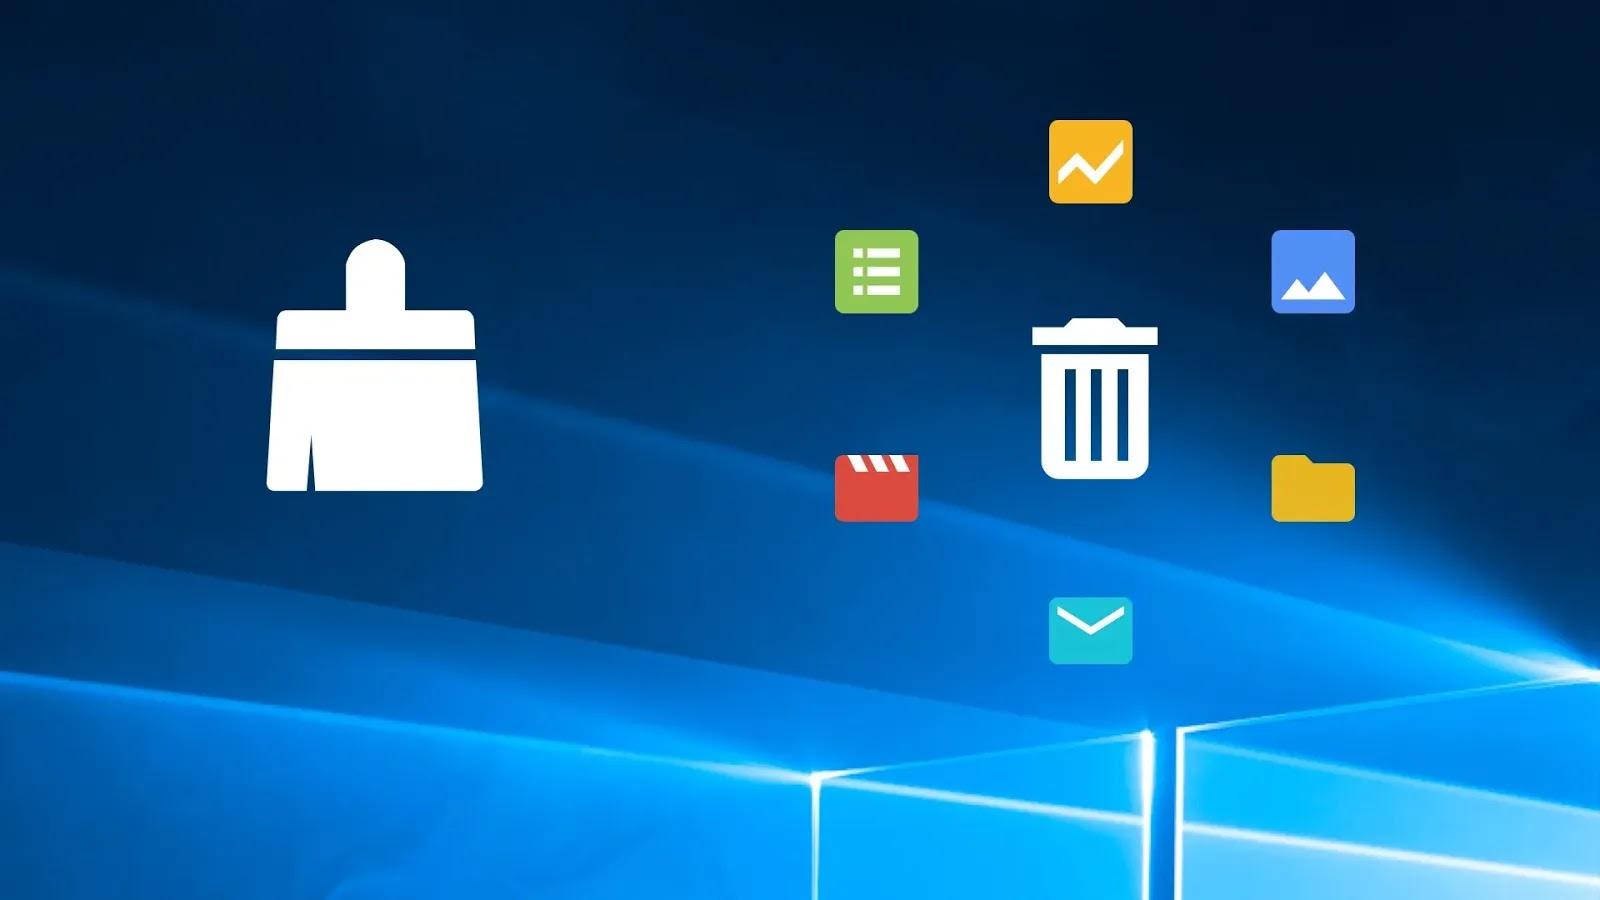 أفضل منظفات التسجيل لنظام التشغيل Windows في عام 2021 (مجاني ومدفوع)